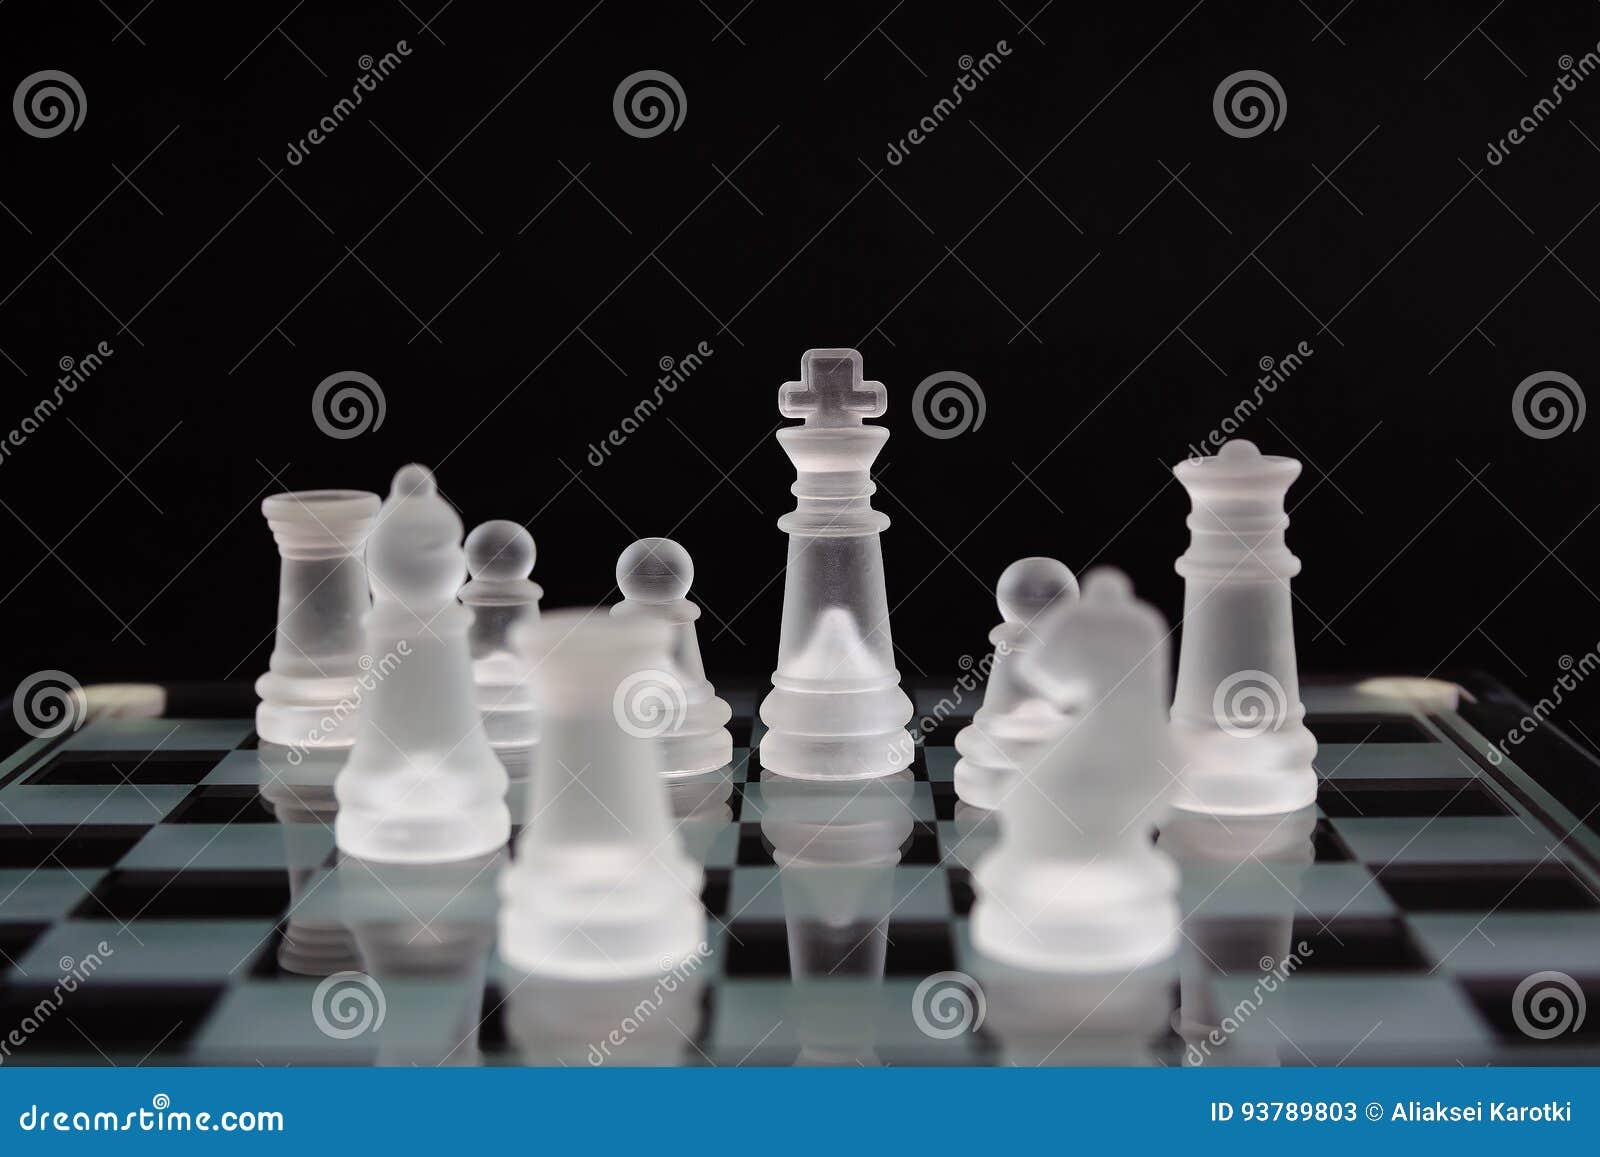 Σκάκι γυαλιού σε ένα μαύρο υπόβαθρο Ελάχιστη επιχειρησιακή έννοια